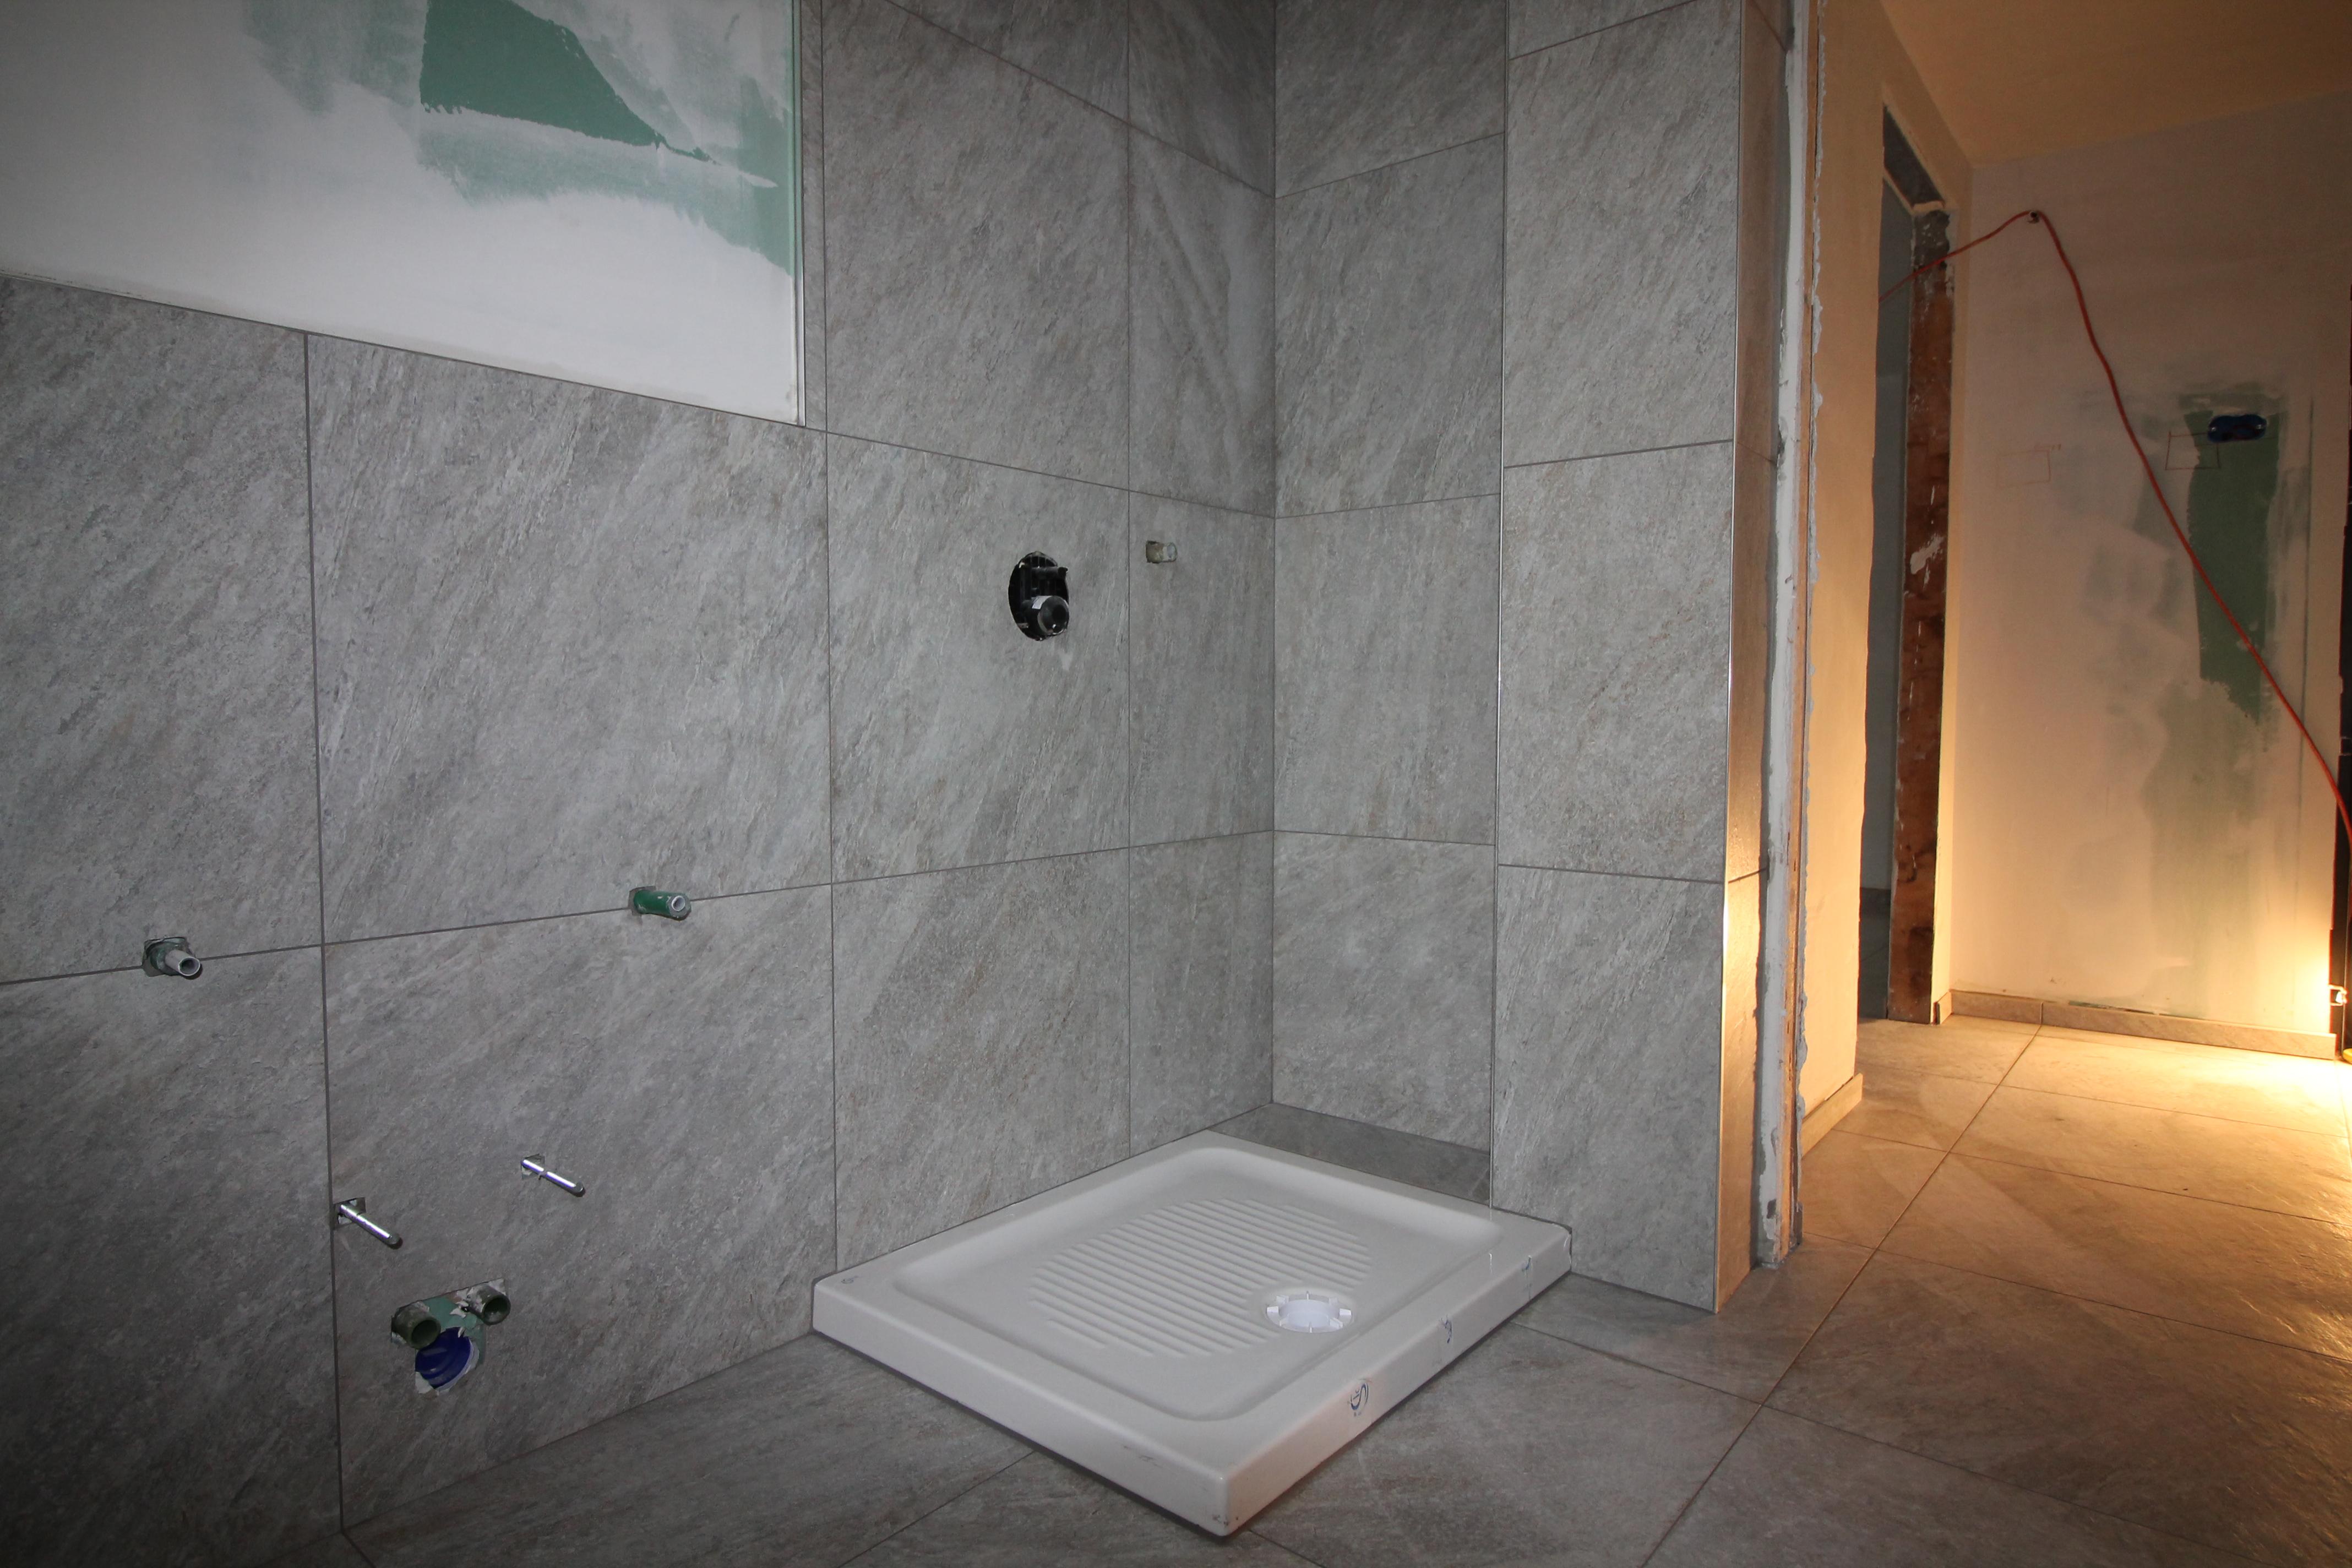 Bagno - Paripas S.r.l. - Idee e soluzioni per la tua casa